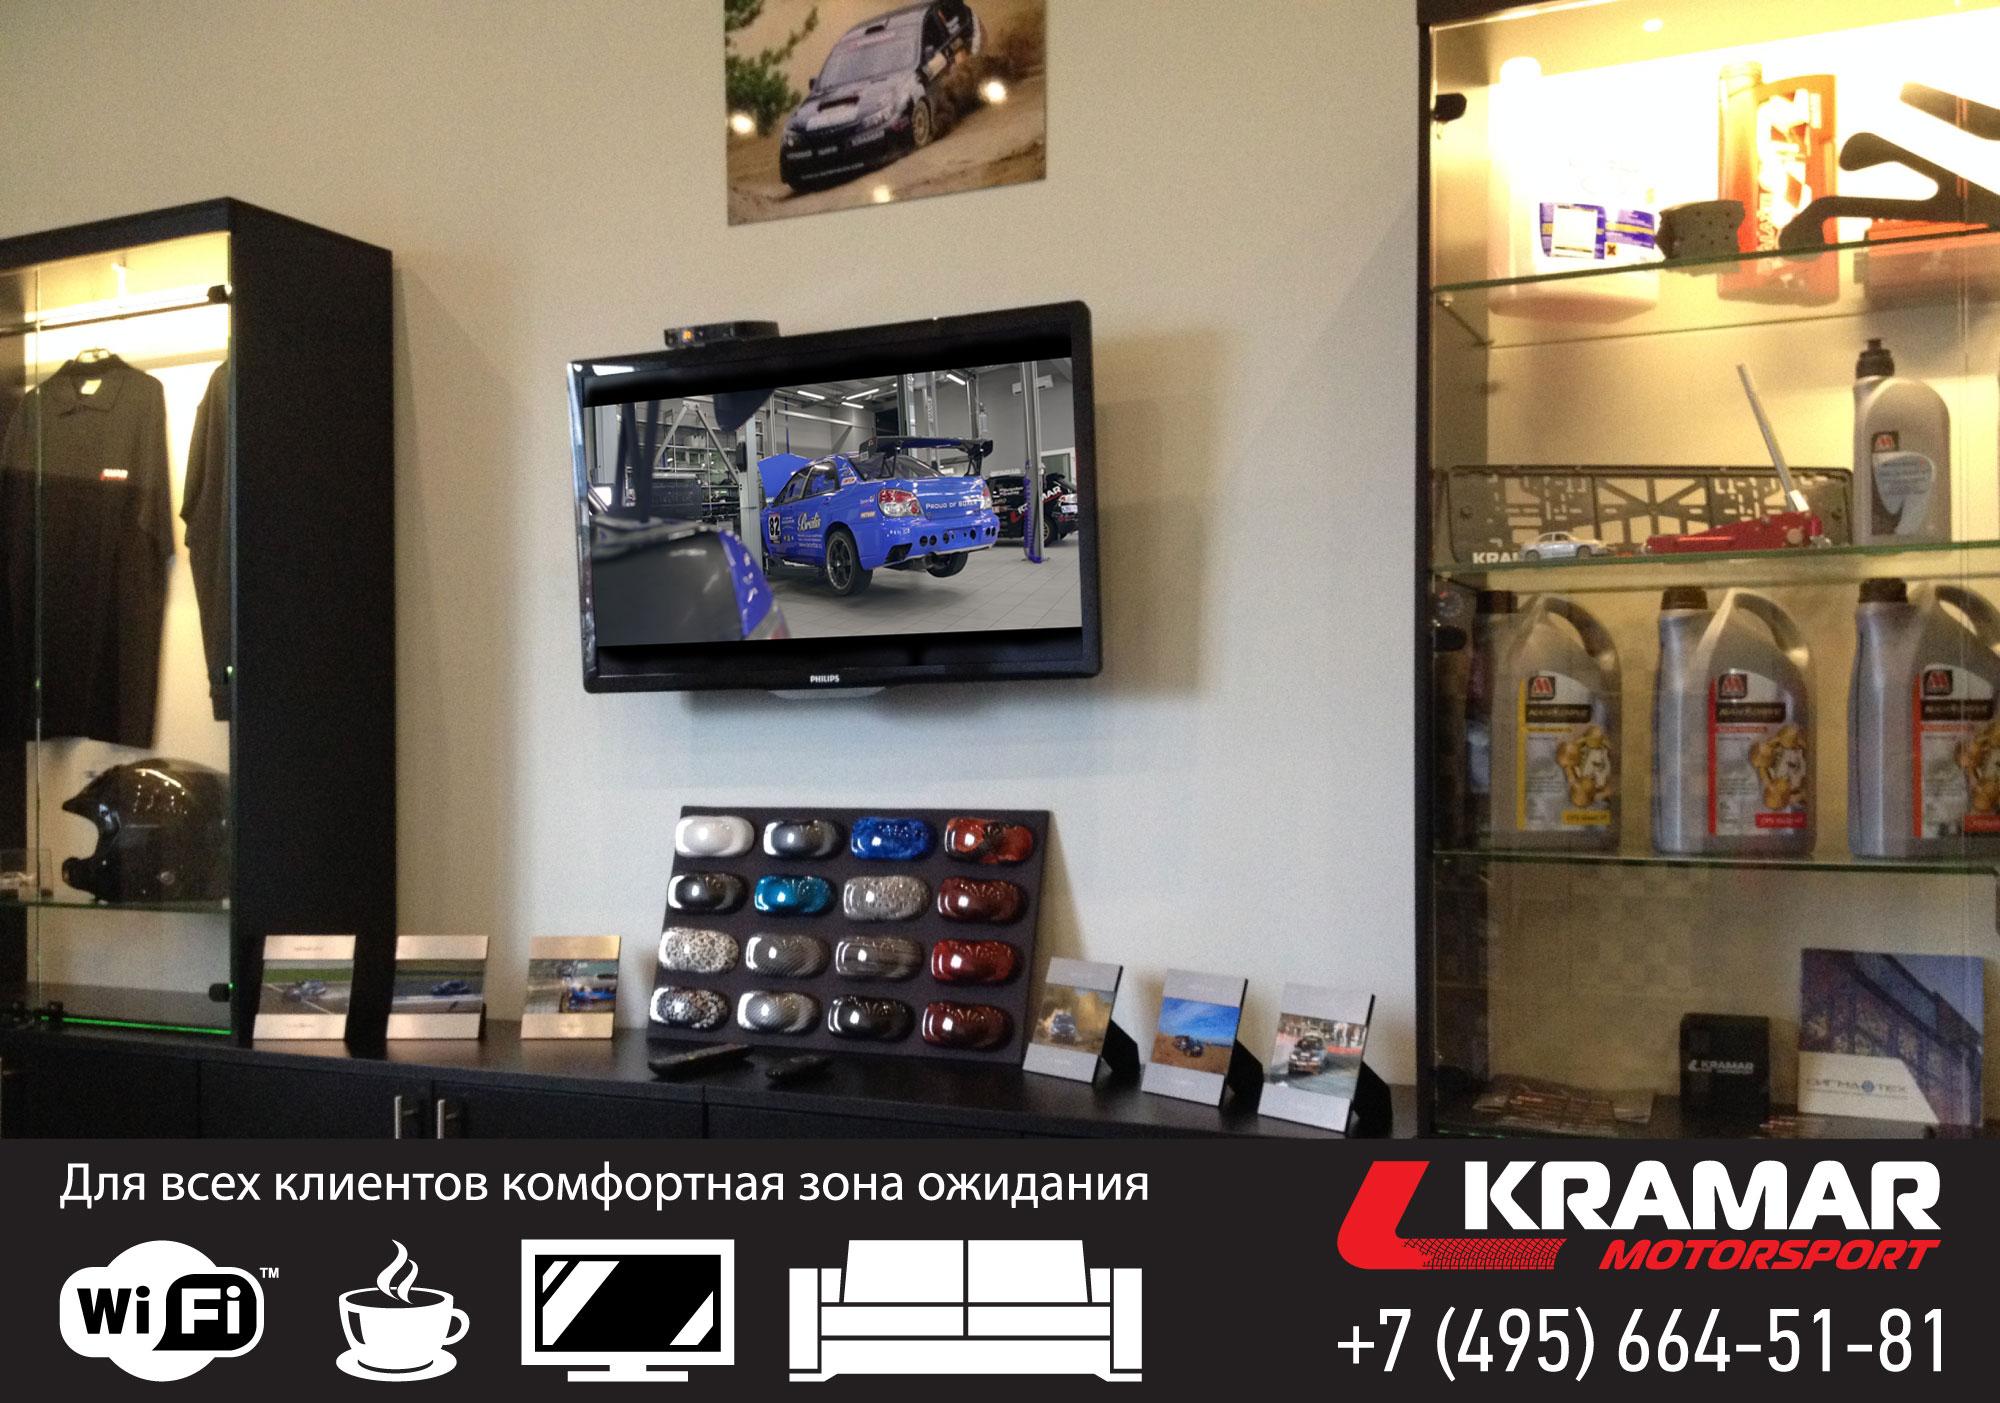 Сервис Kramar Motorsport - Зона ожидания